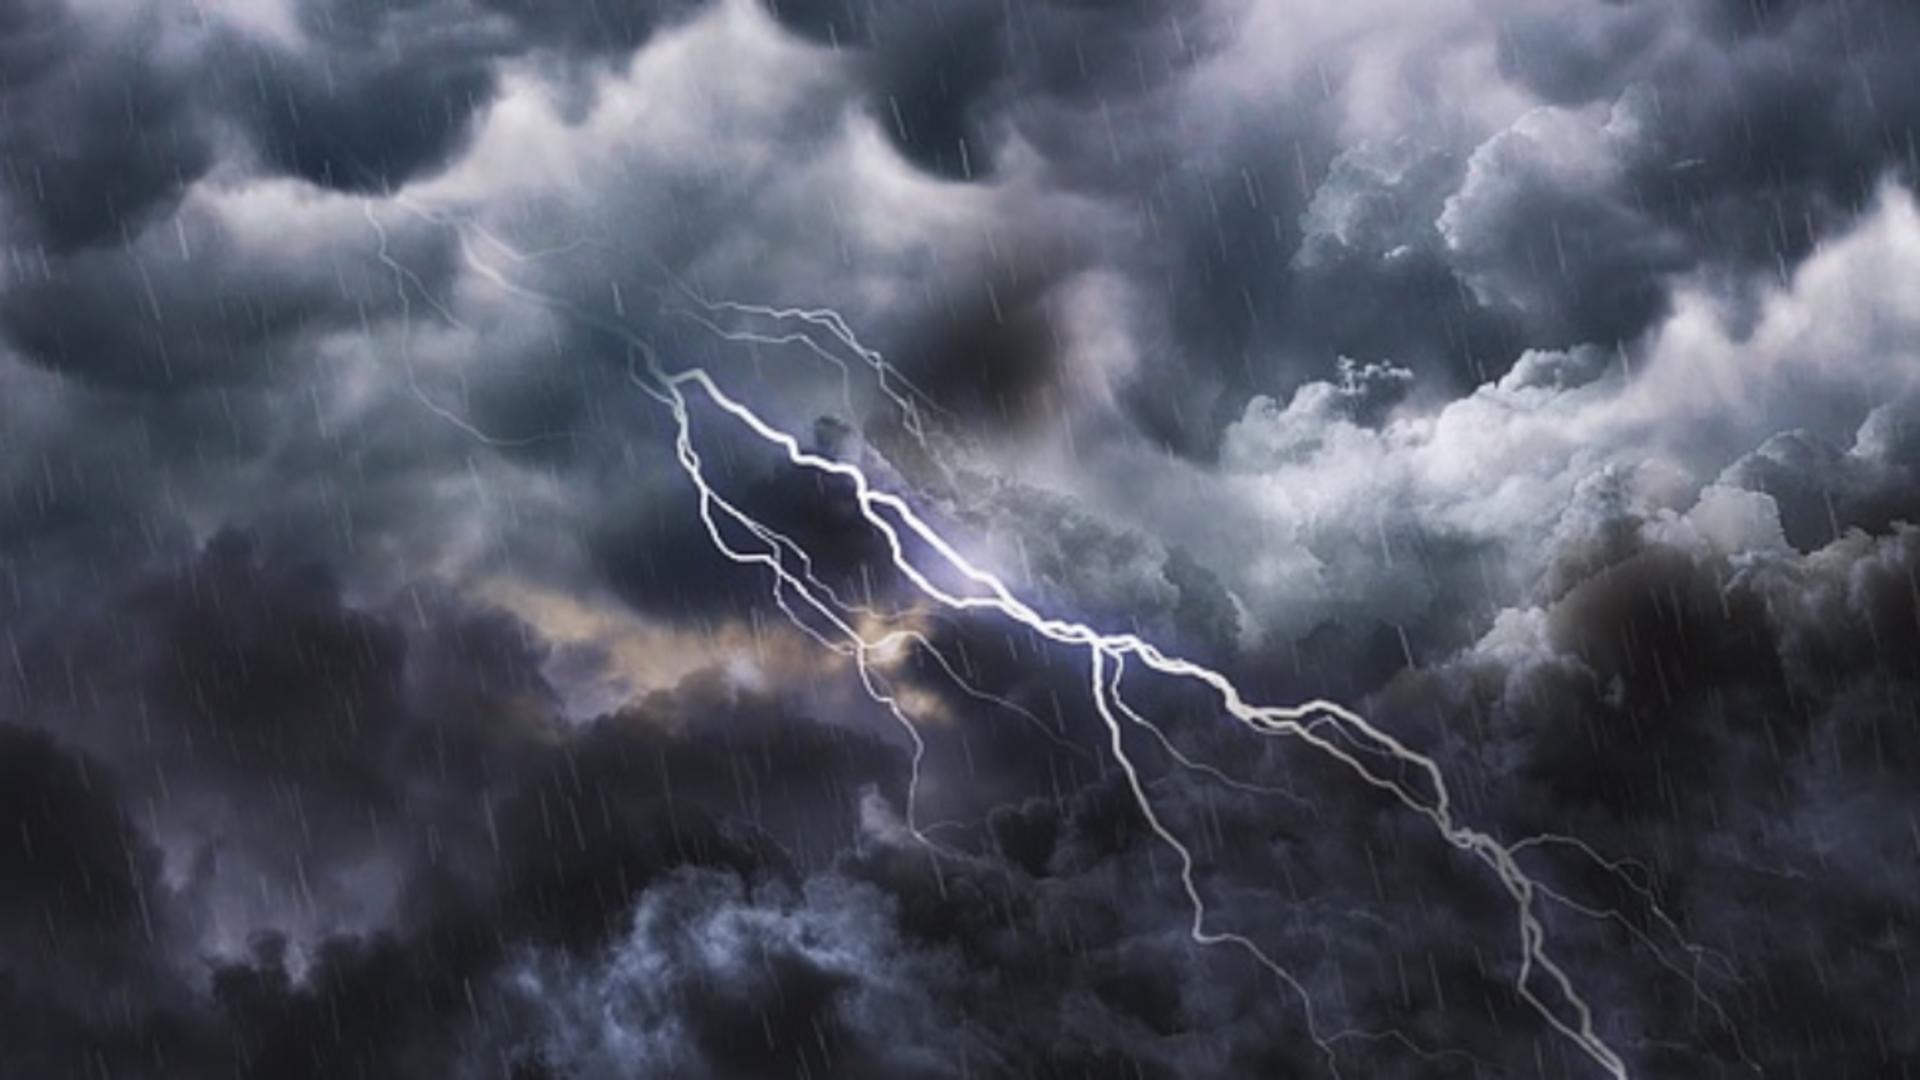 Prognoză meteo pentru București. Ploi și vânt puternic în următoarele ore. Foto arhivă